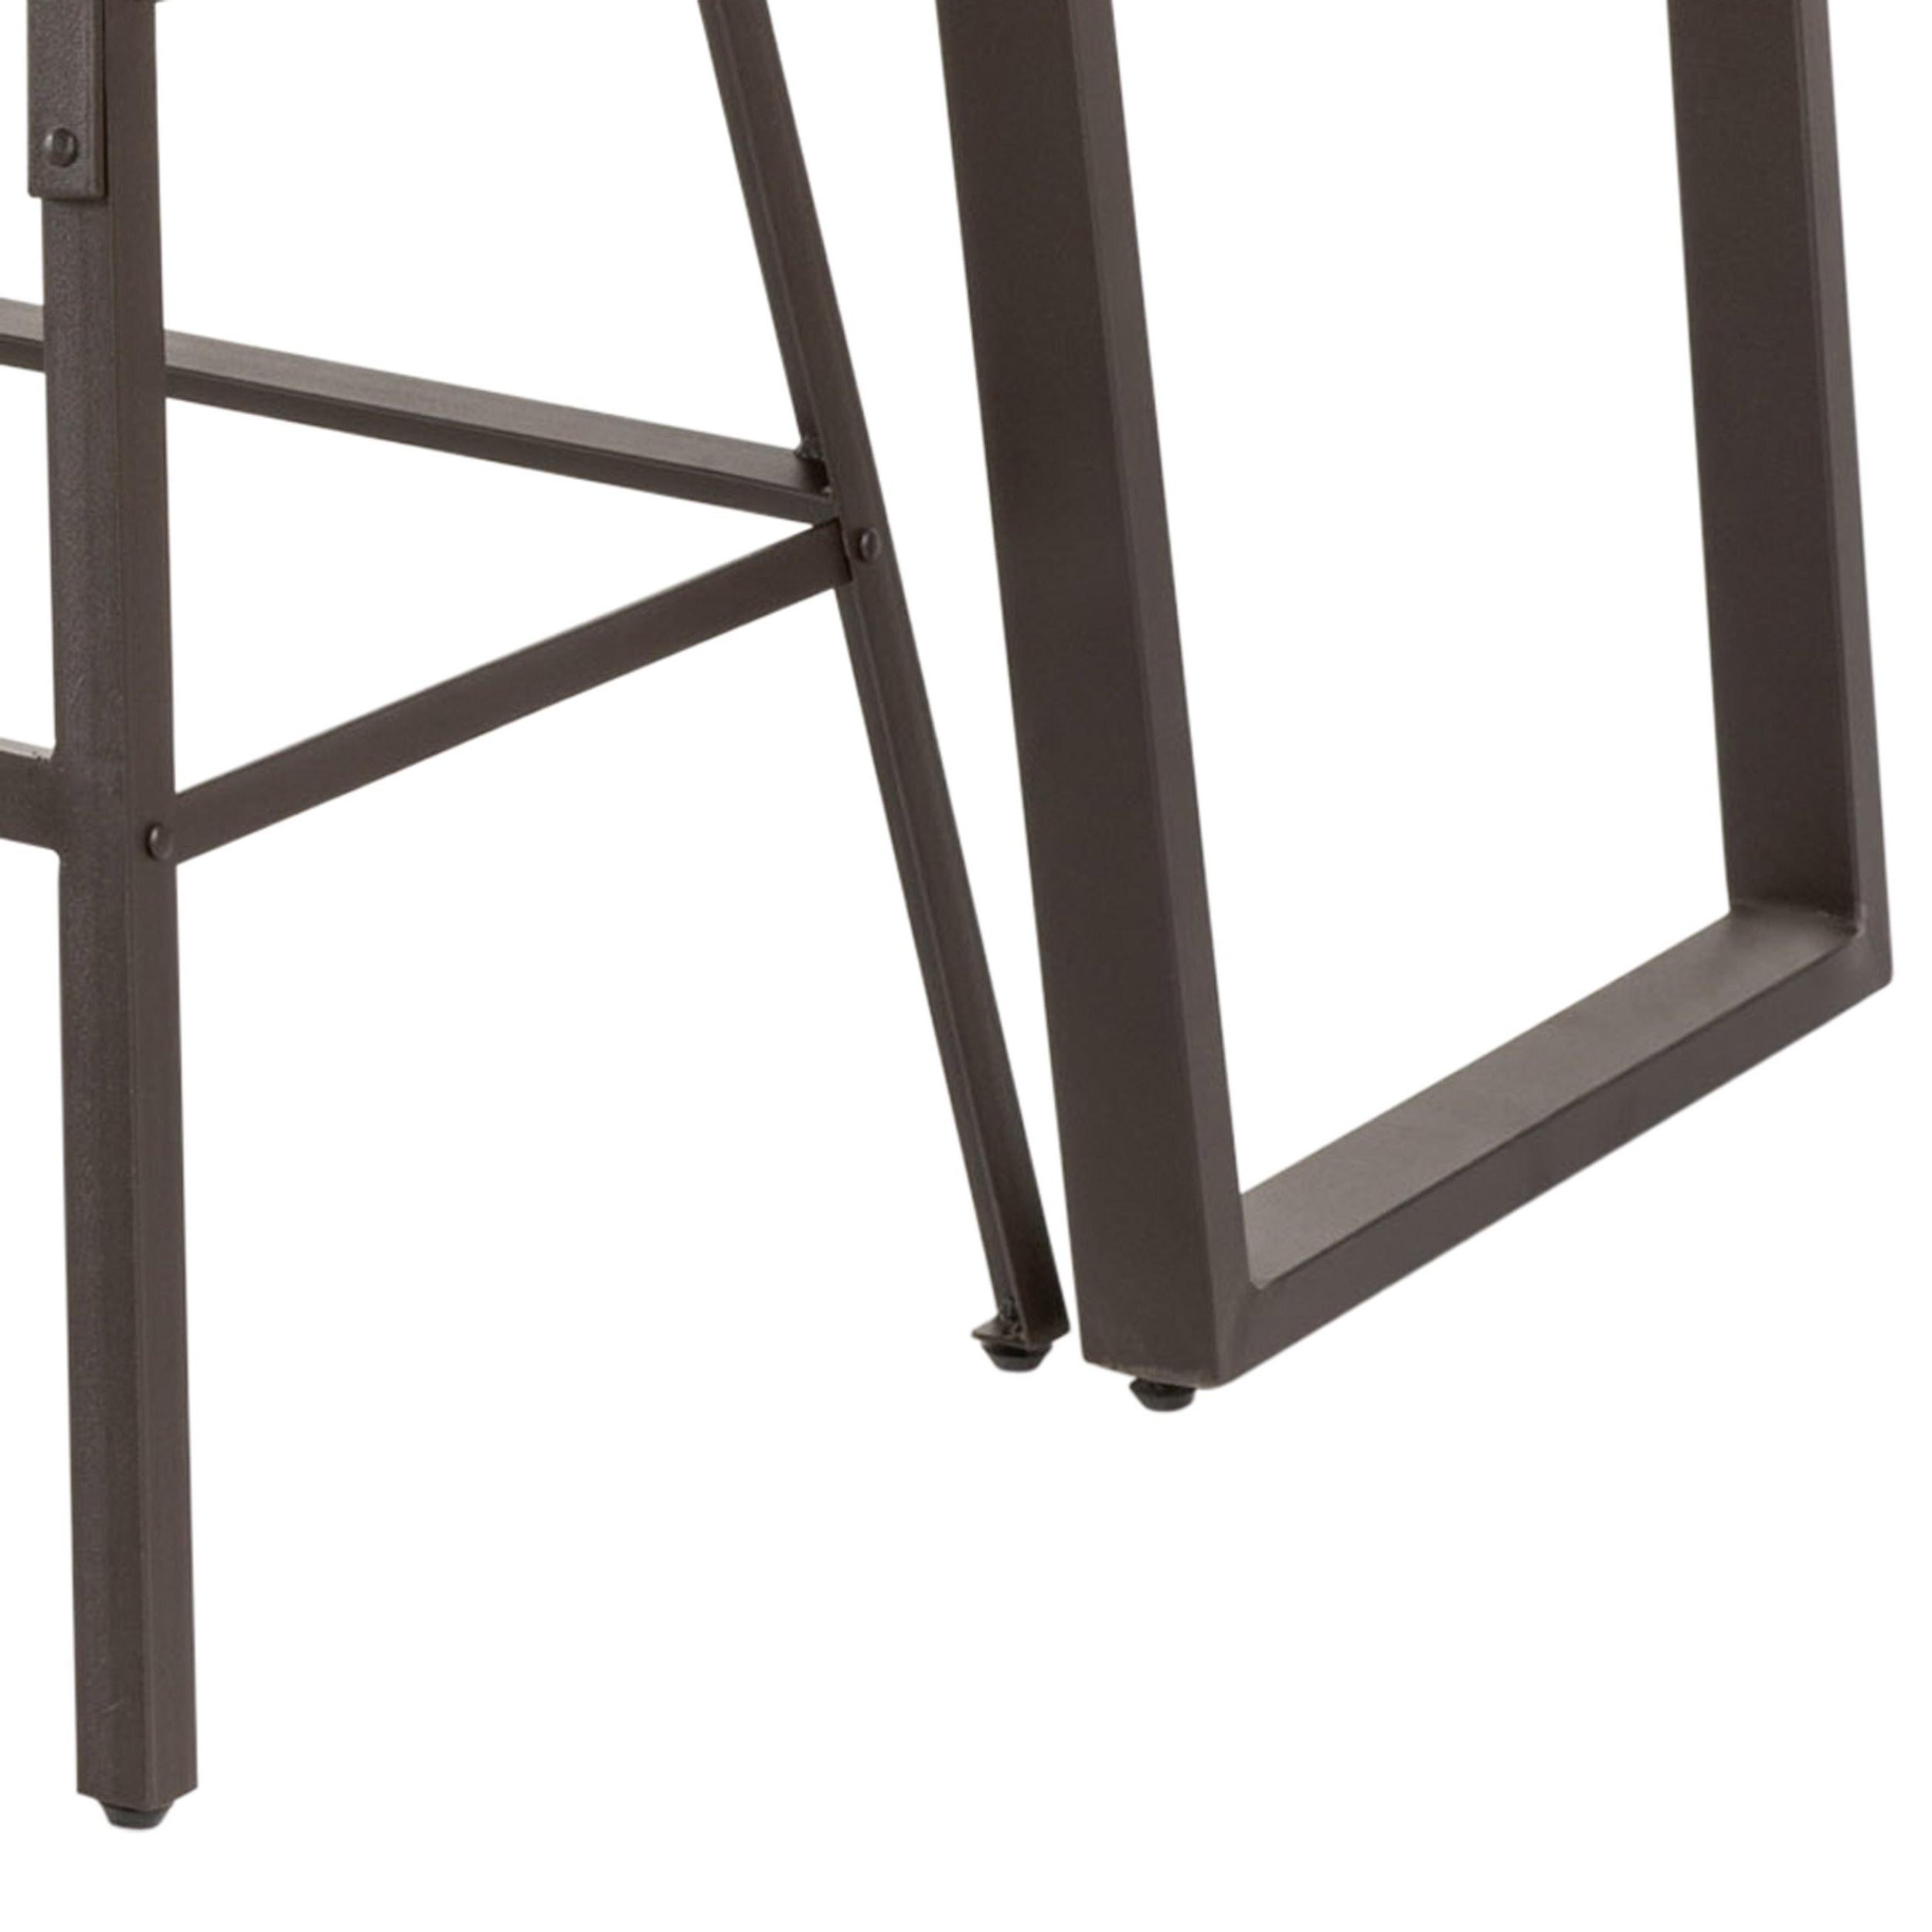 Current Kaya 3 Piece Dining Sets Regarding Shop Ramona 3 Piece Acacia Wood Bar Setchristopher Knight Home (View 14 of 25)